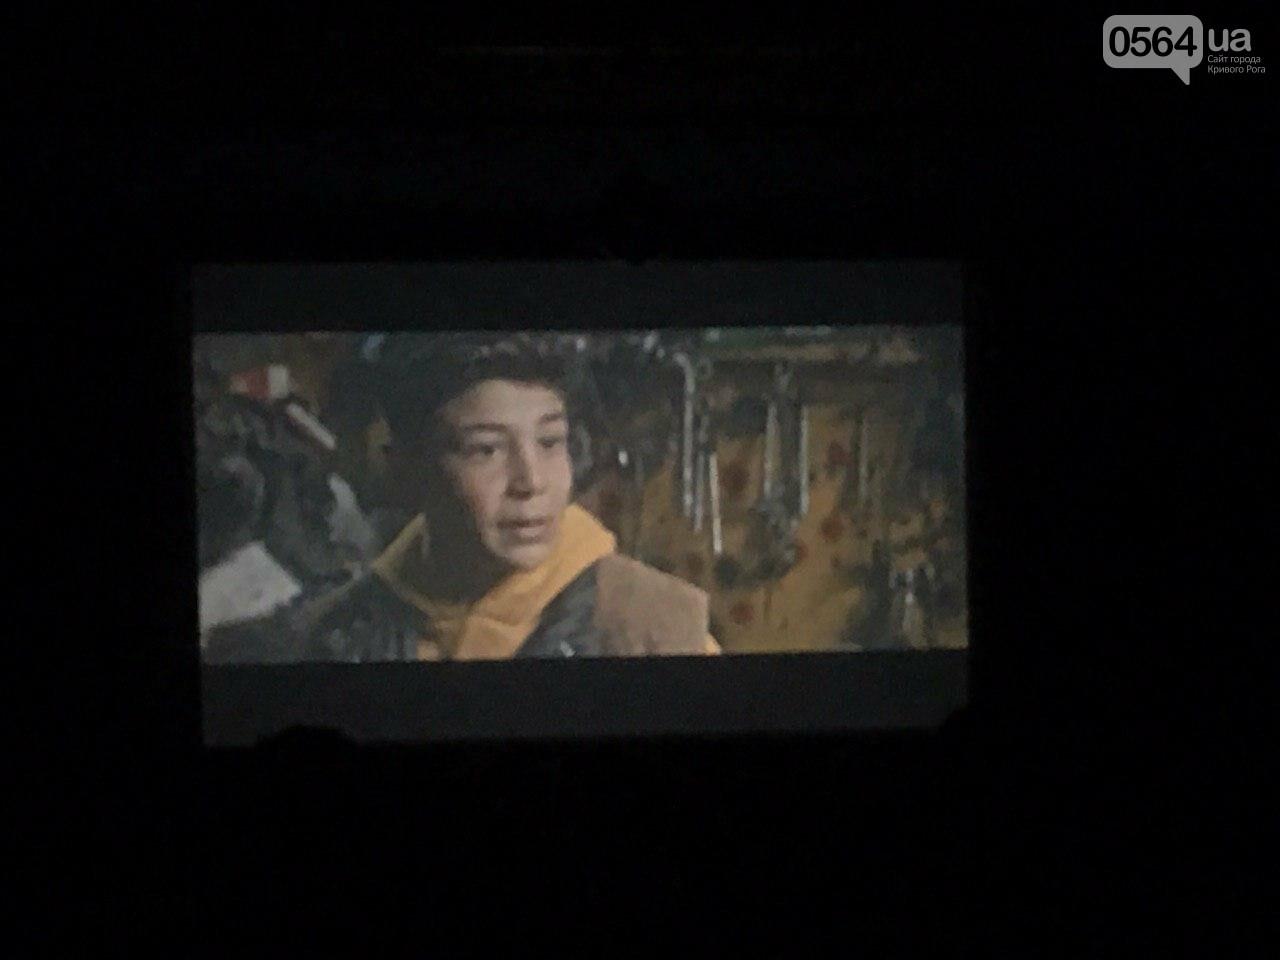 Криворожане проголосовали за лучшие короткометражные фильмы, показанные в рамках Манхеттенского фестиваля, - ФОТО, ВИДЕО , фото-10